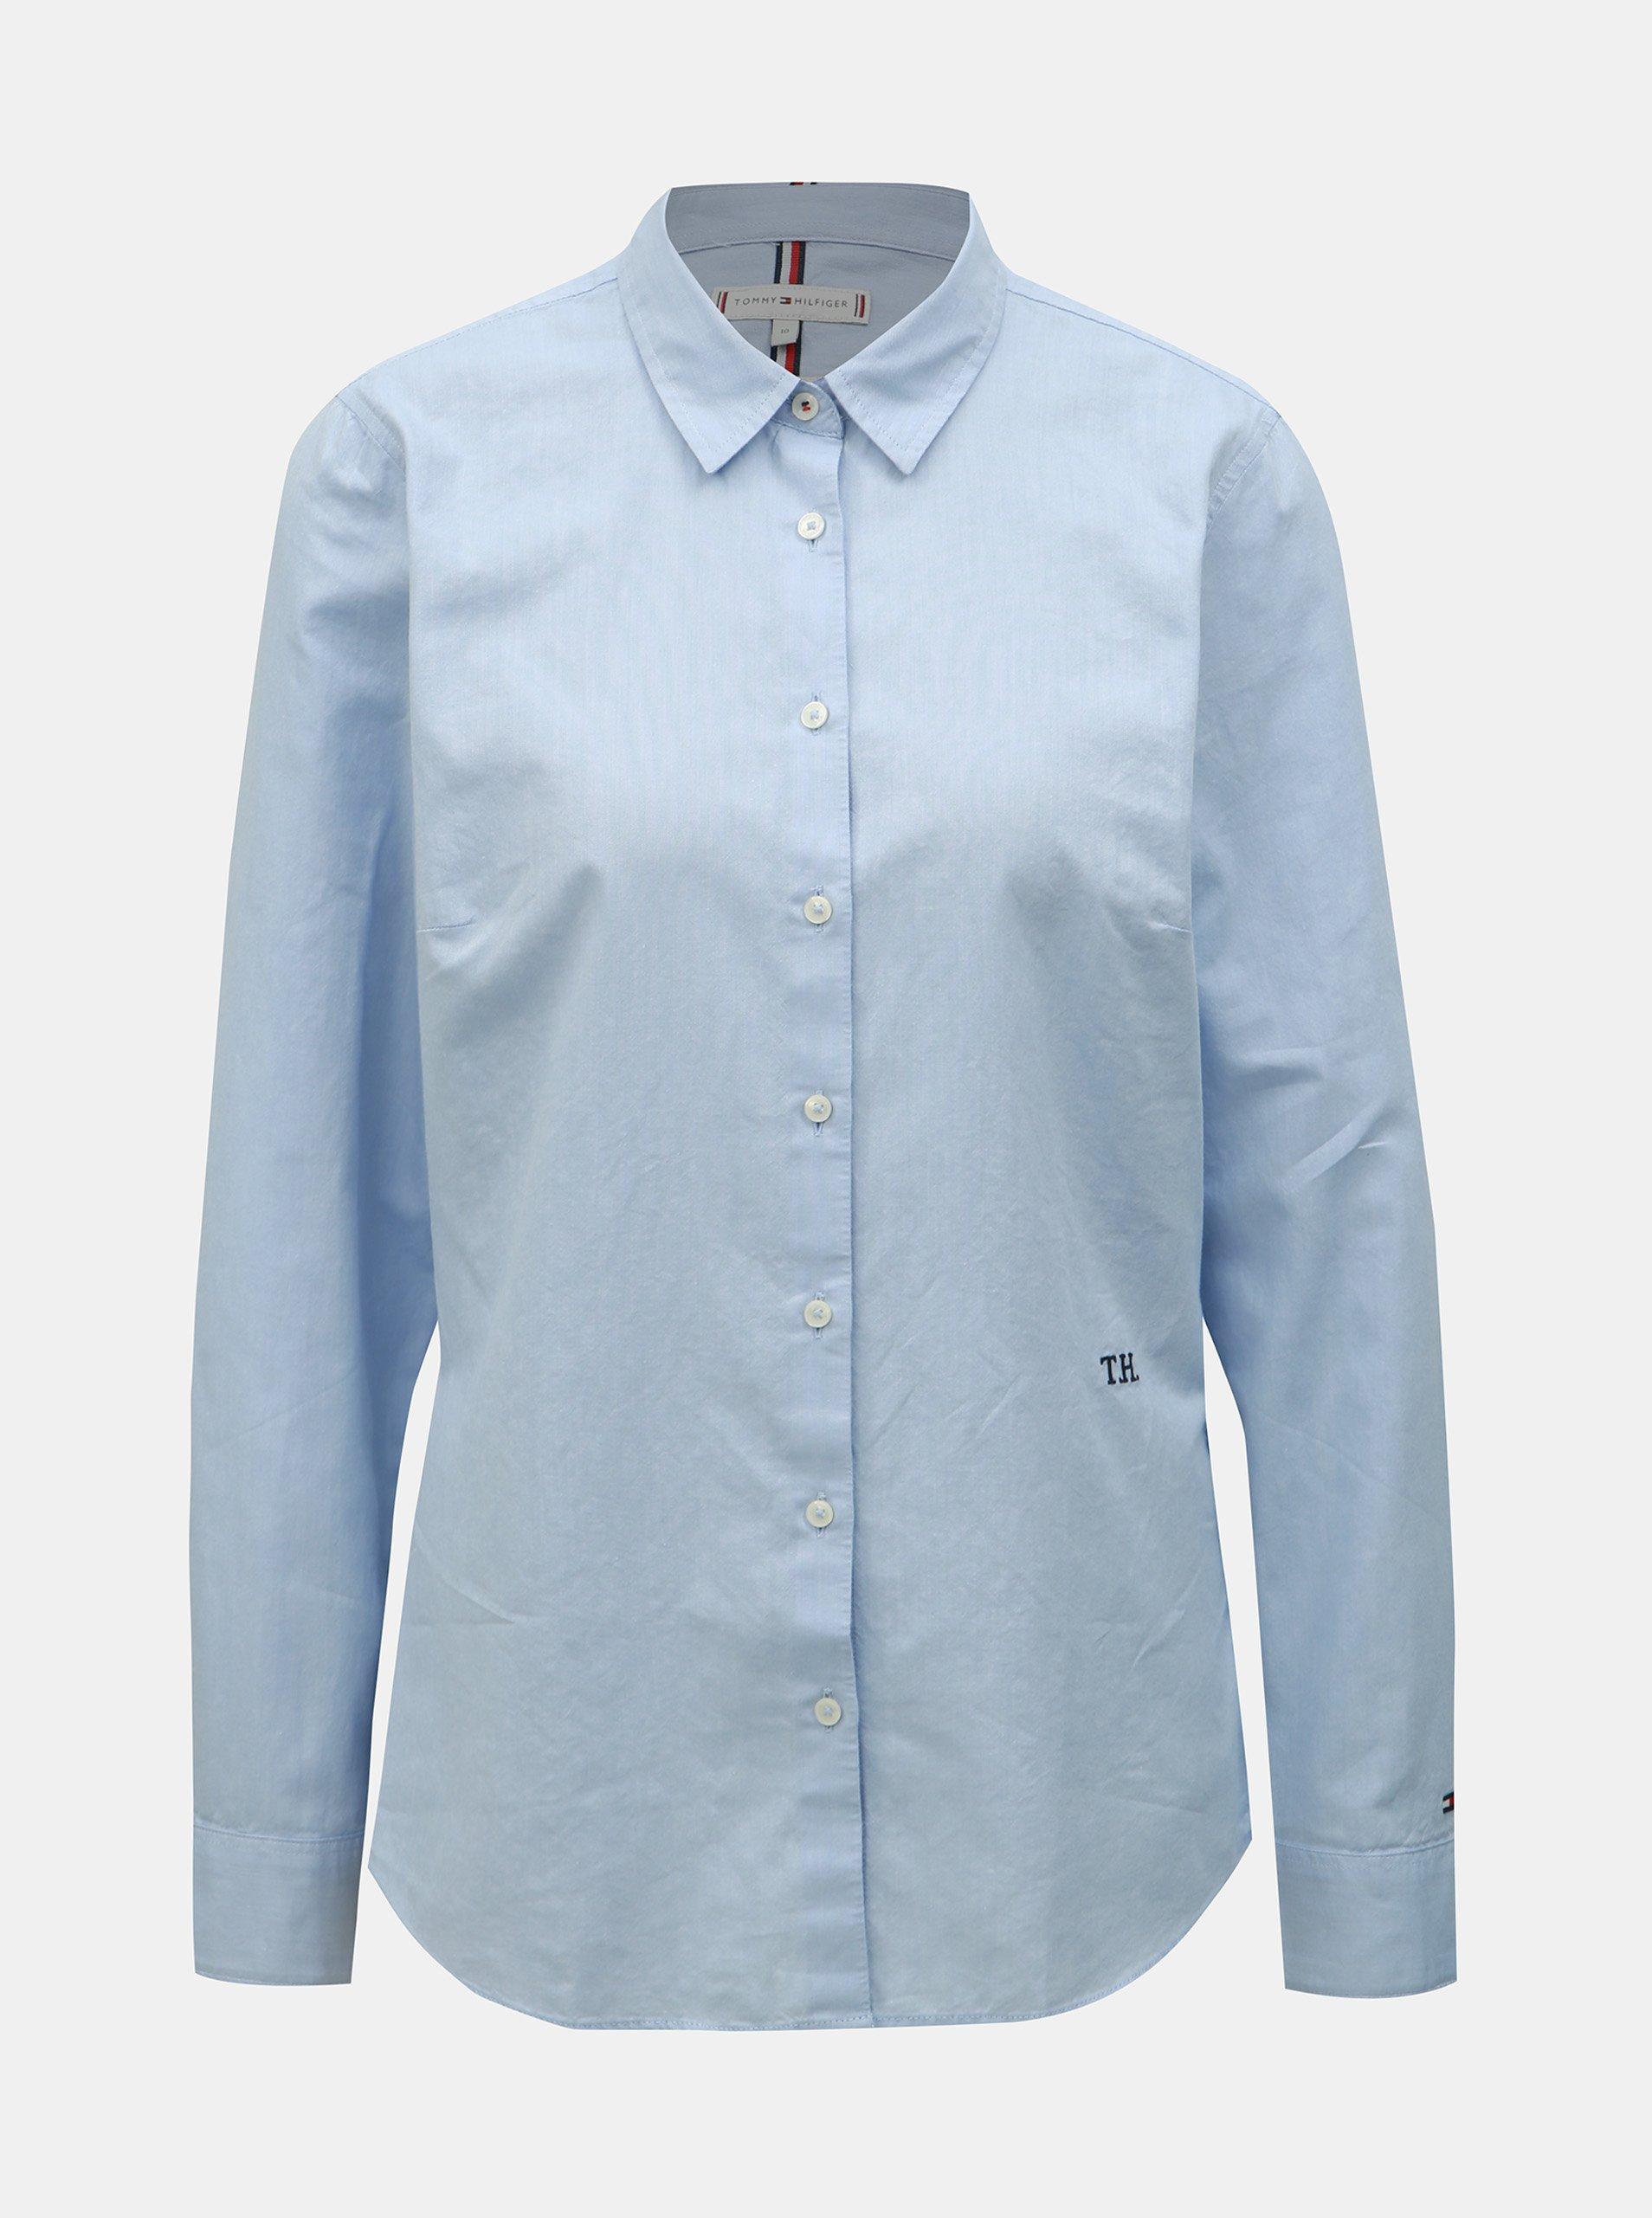 dd98ea42c5 ... Světle modrá dámská košile Tommy Hilfiger Essential. Nové Světle ...